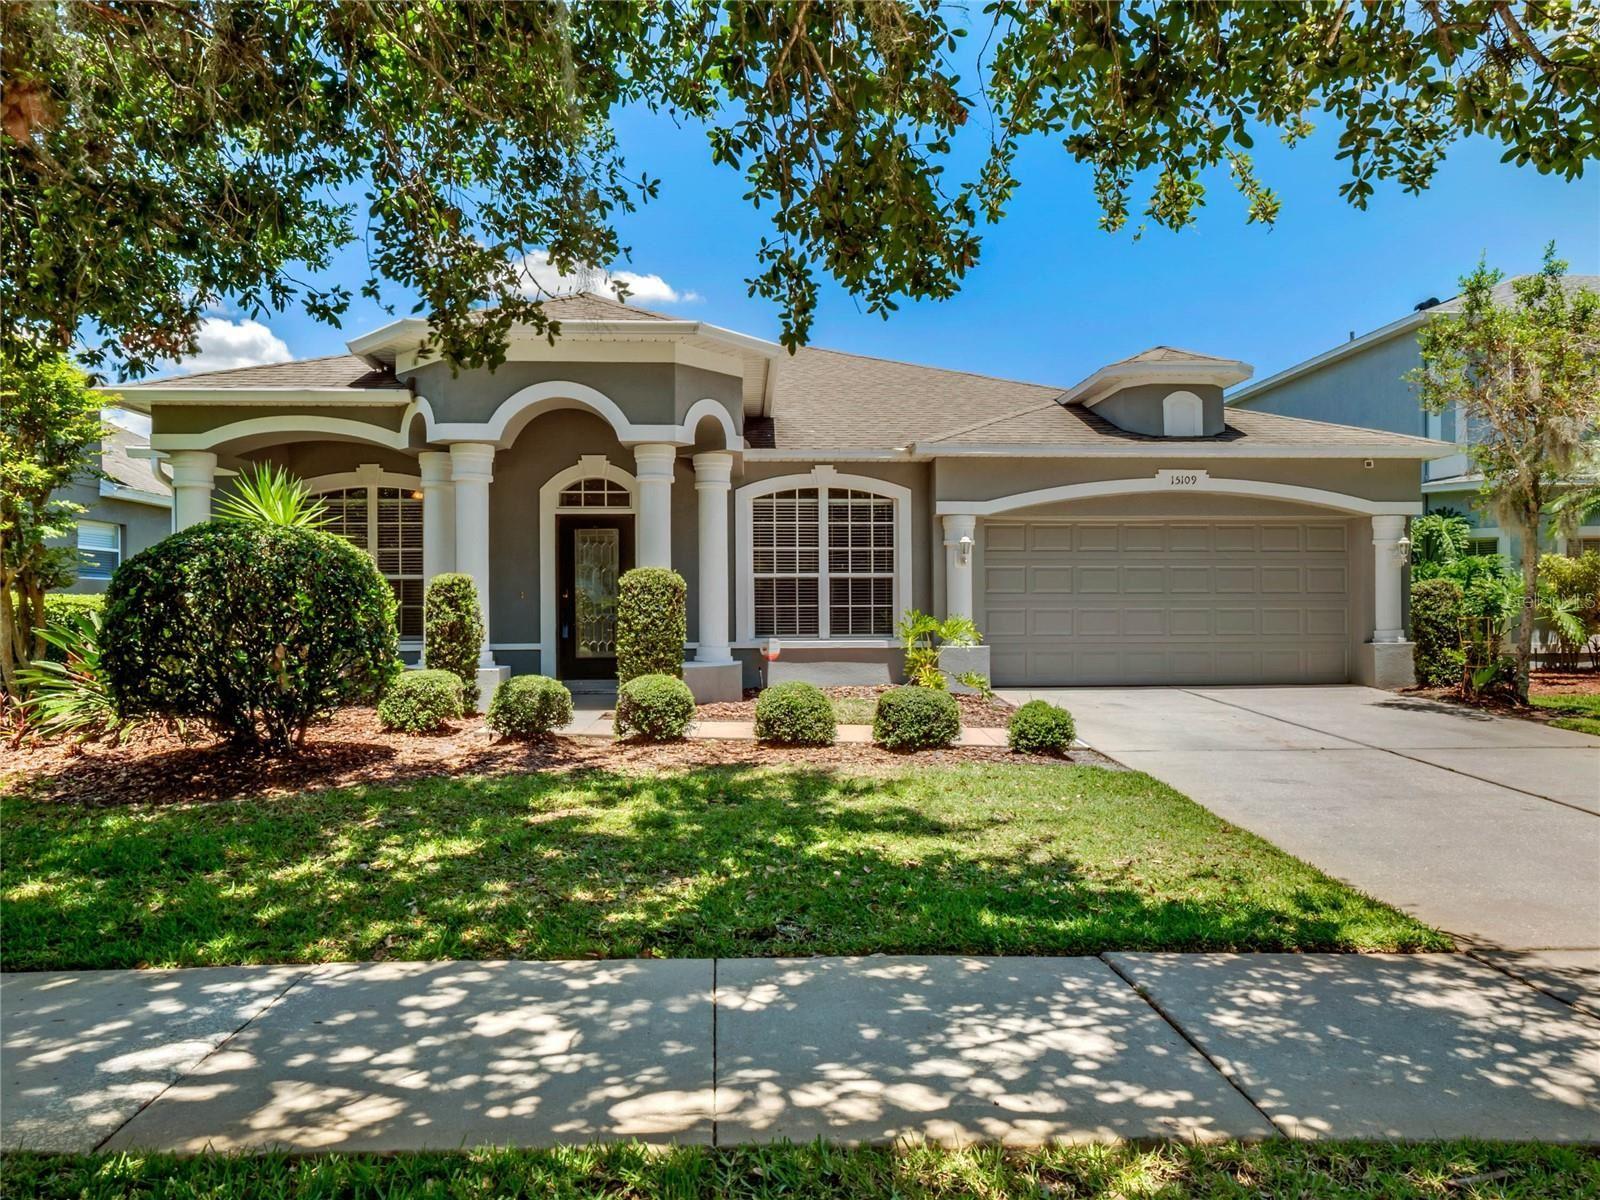 15109 SPINNAKER COVE LANE, Winter Garden, FL 34787 - #: O5950452